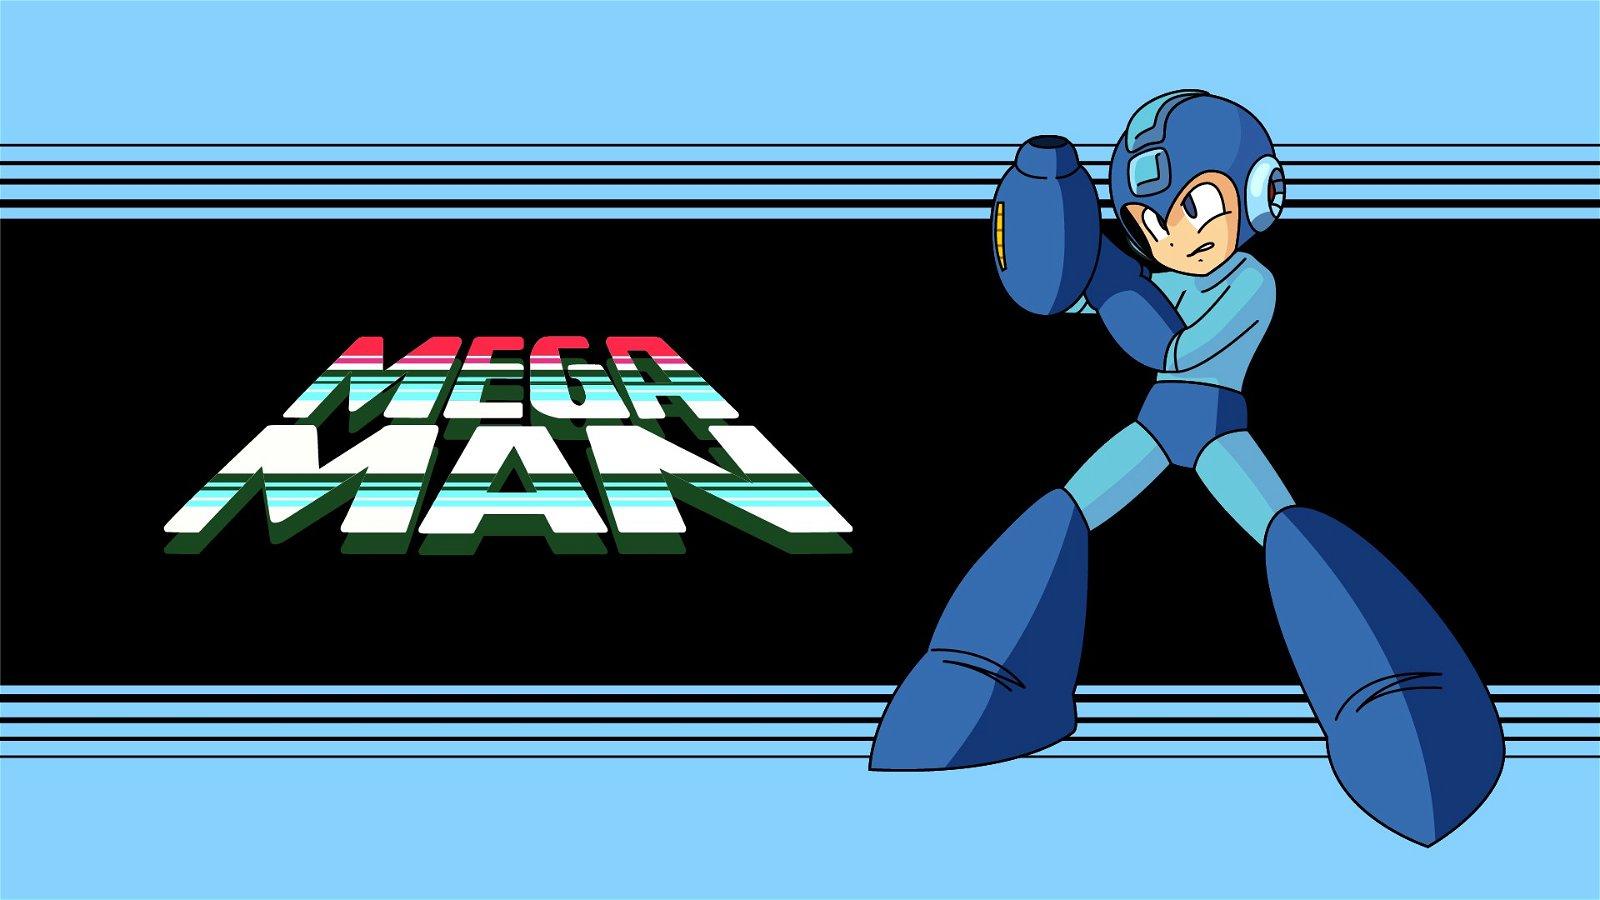 El Mega Man original ya es jugable en tres dimensiones